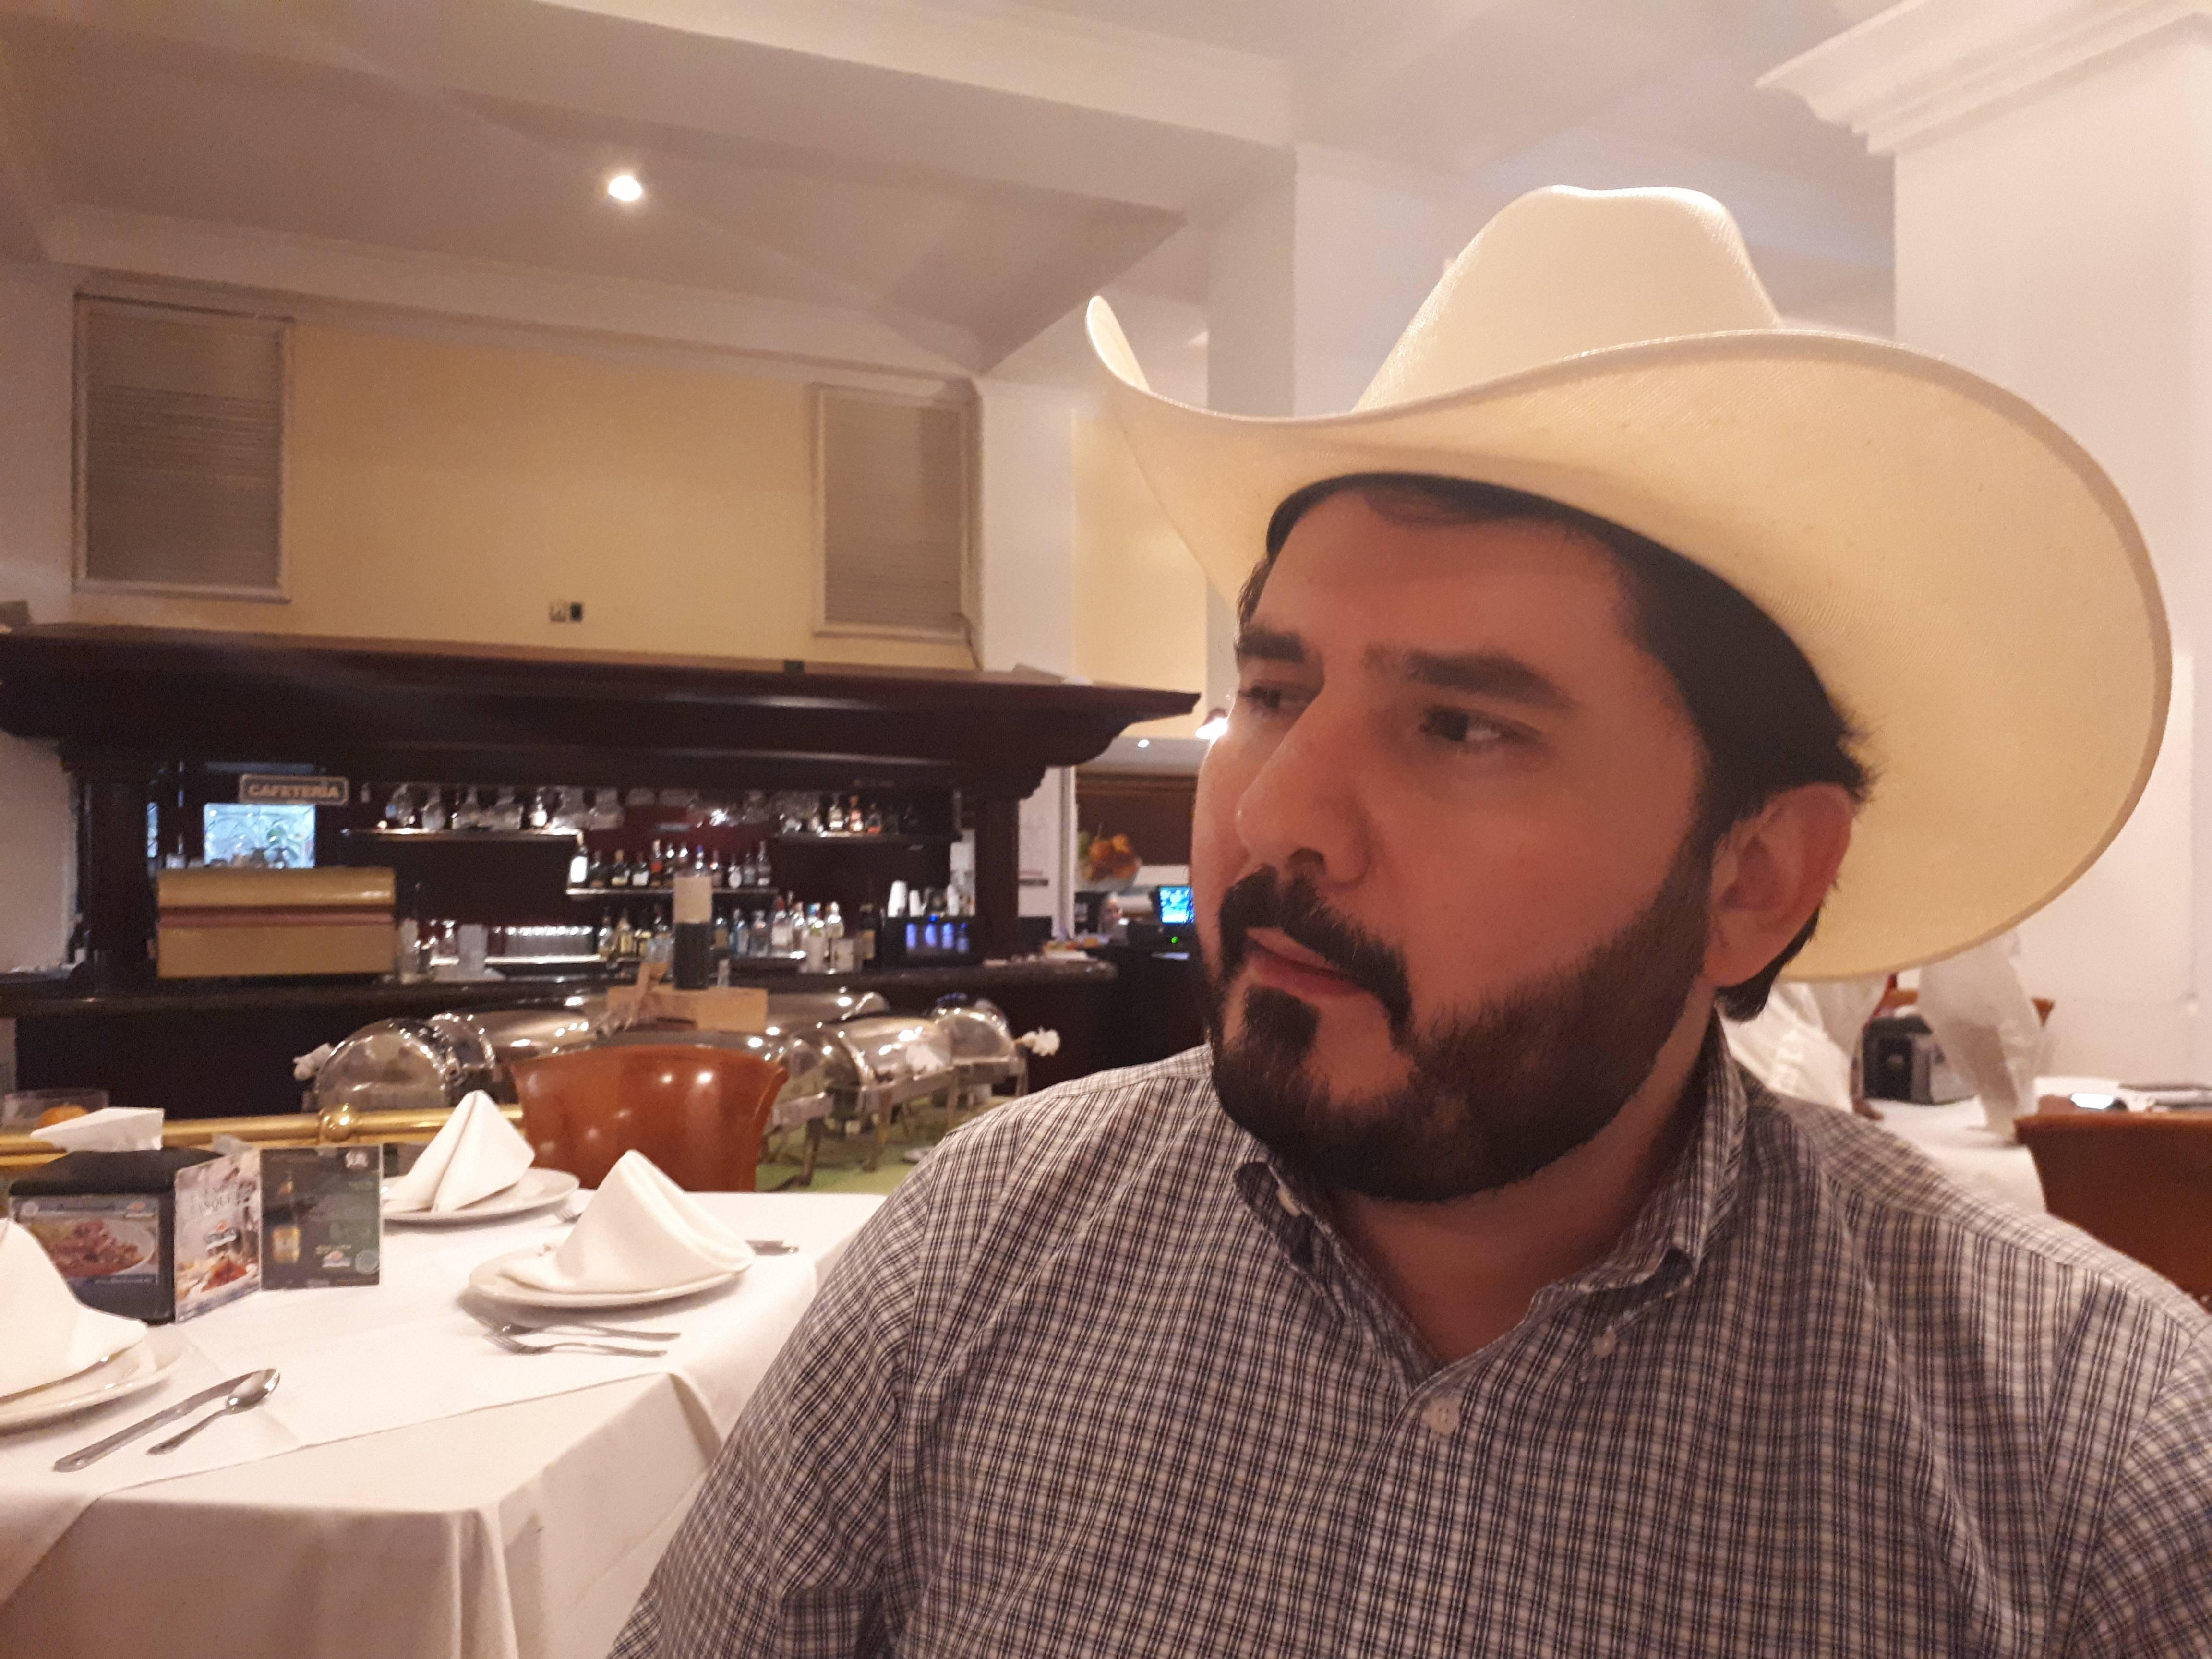 Engenheiro-agrônomo José Ángel Contreras Carrera: pequenos produtores precisam de infraestrutura e capacitação e não de preços mínimos.